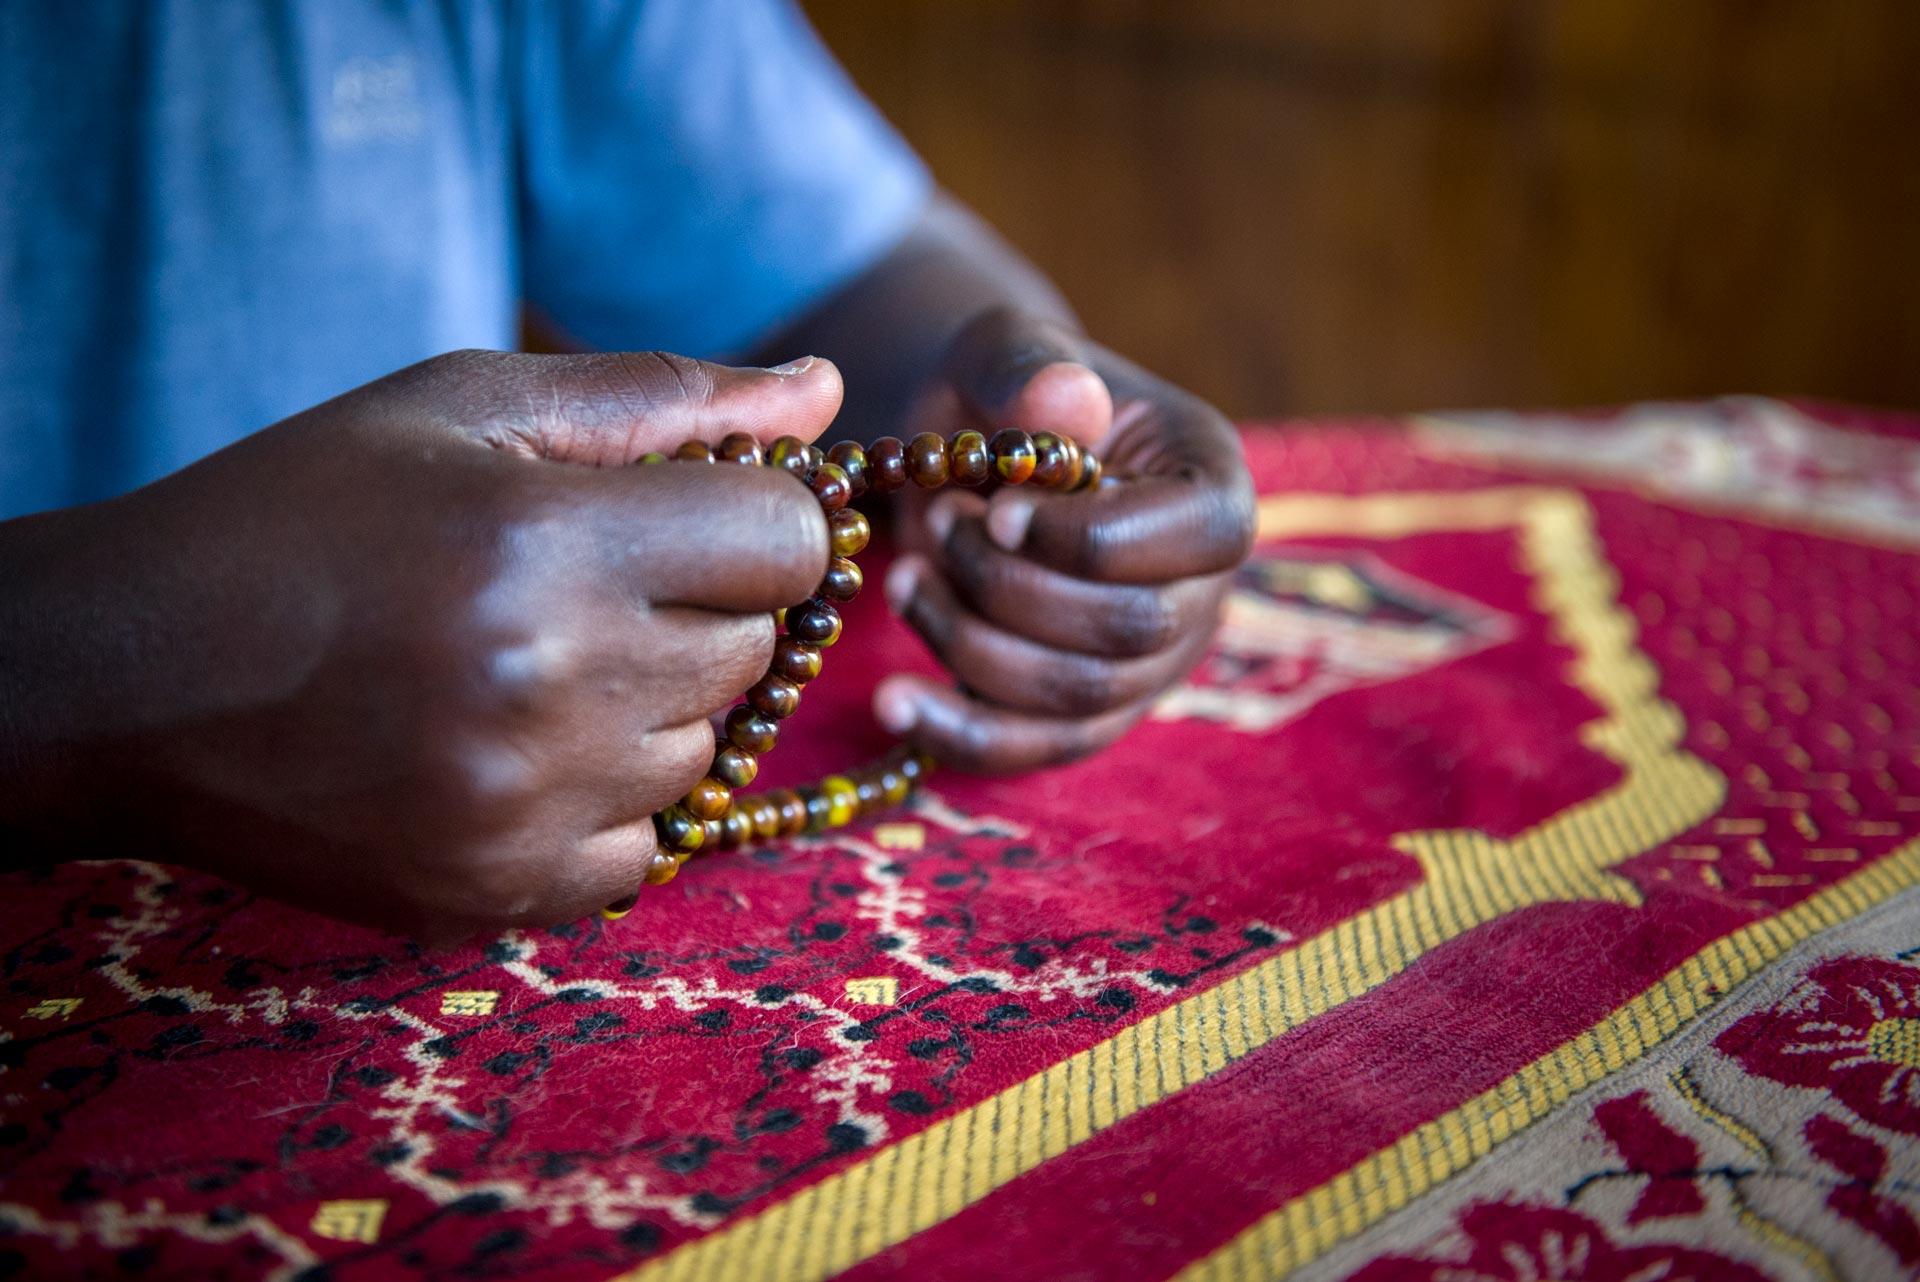 Nar sostiene un rosario de cuentas de madera. Fotografía: Pablo Presti / Cosecha Roja